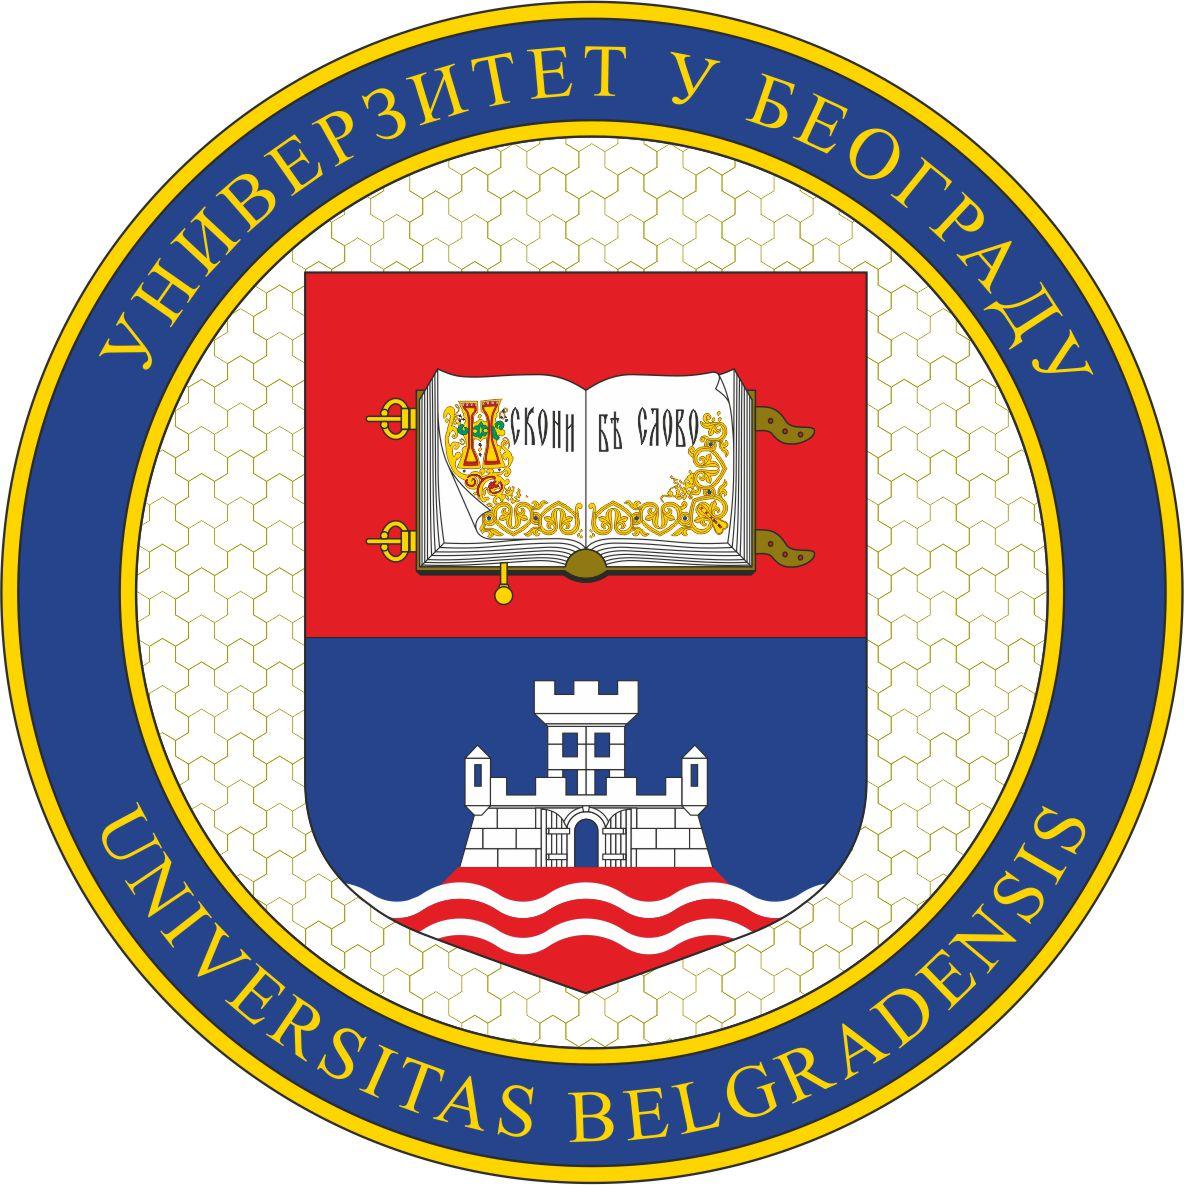 Univerzitet u Beogradu grb logo